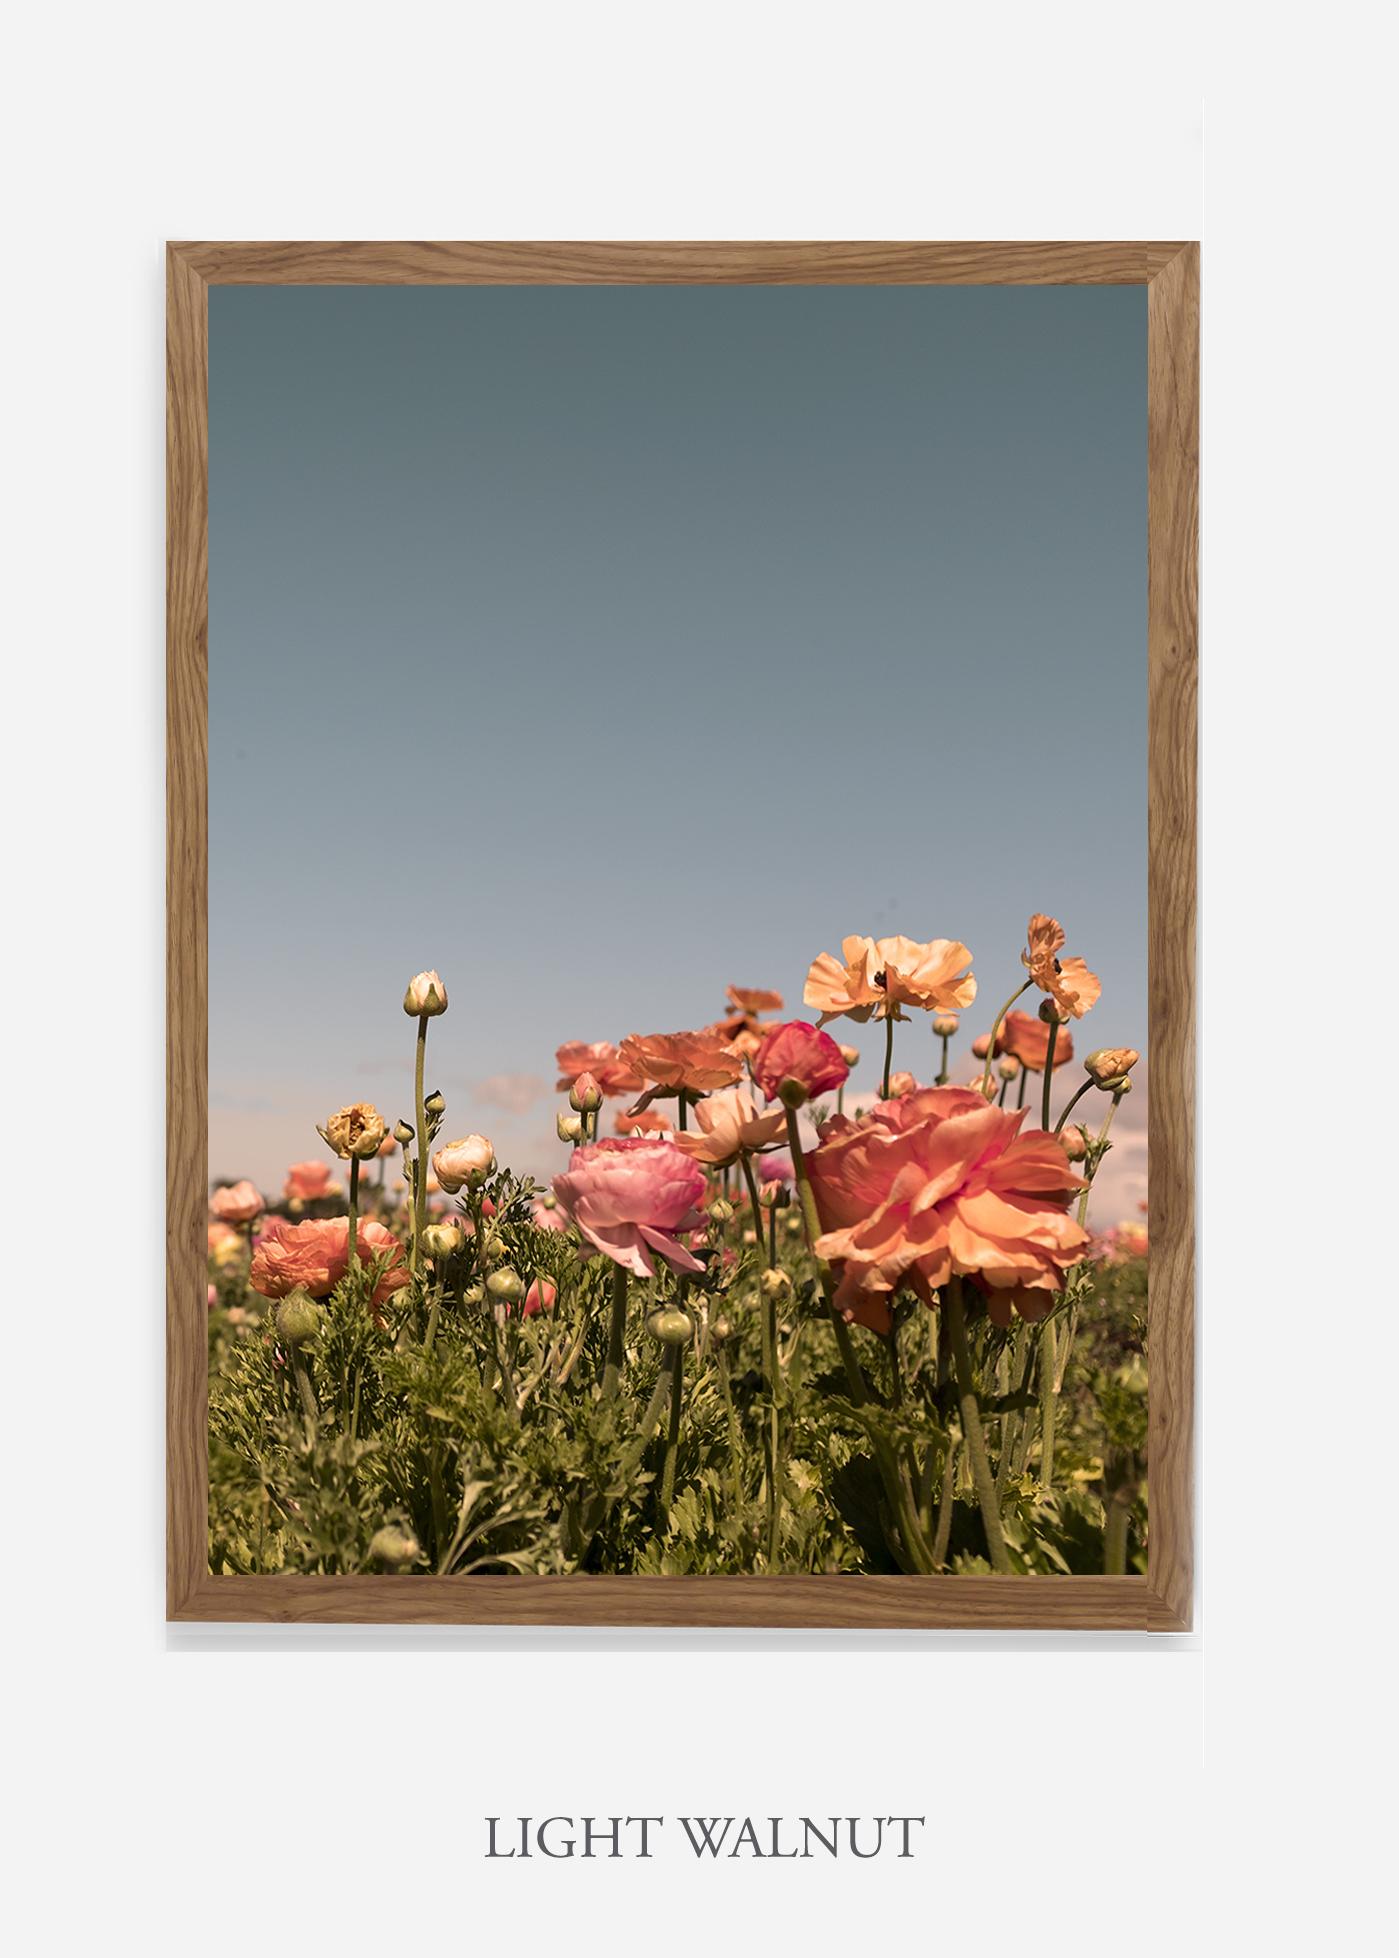 NoMat-Light-Walnut-Frame-Floral-No-1-Wilder-California-Art-Floral-Home-decor-Prints-Dahlia-Botanical-Artwork-Interior-design.jpg